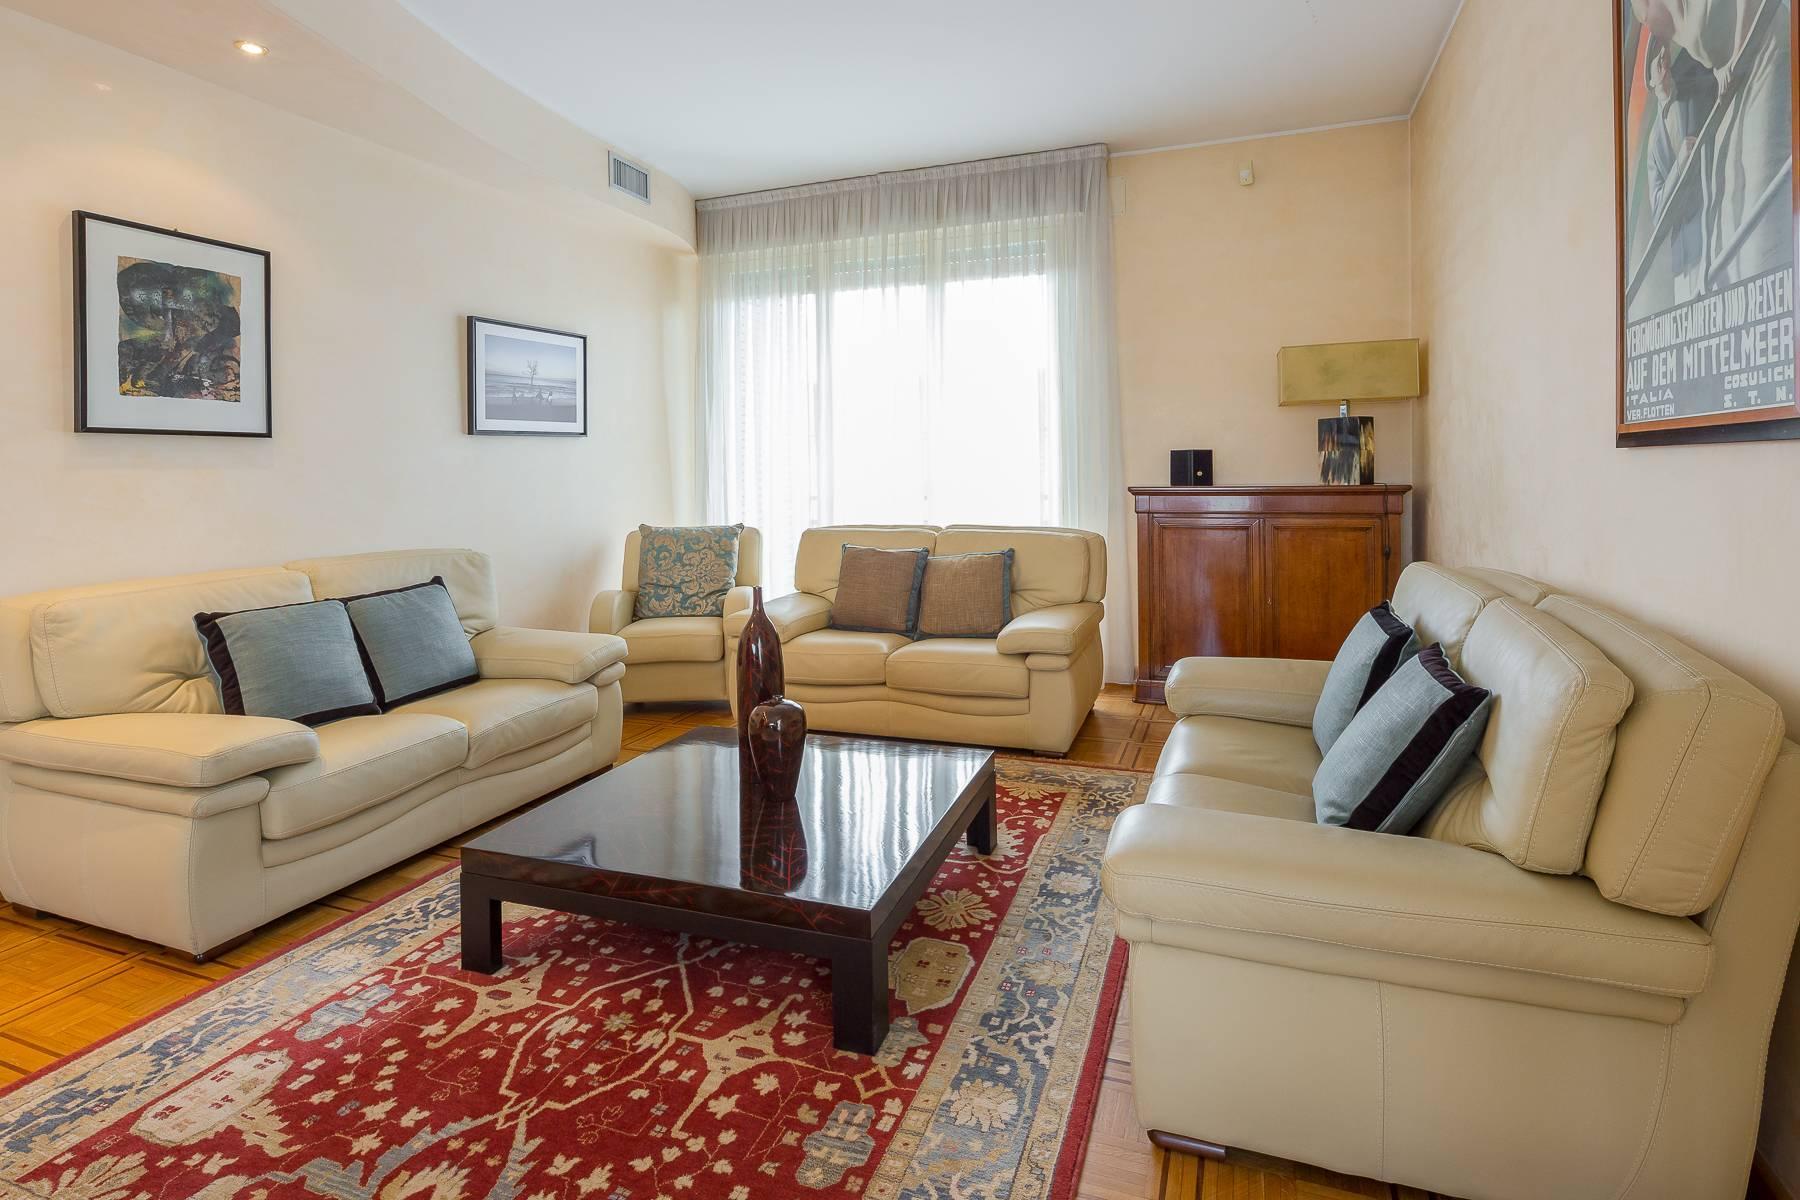 Schöne möblierte Wohnung im Buonarroti Stadtviertel - 4